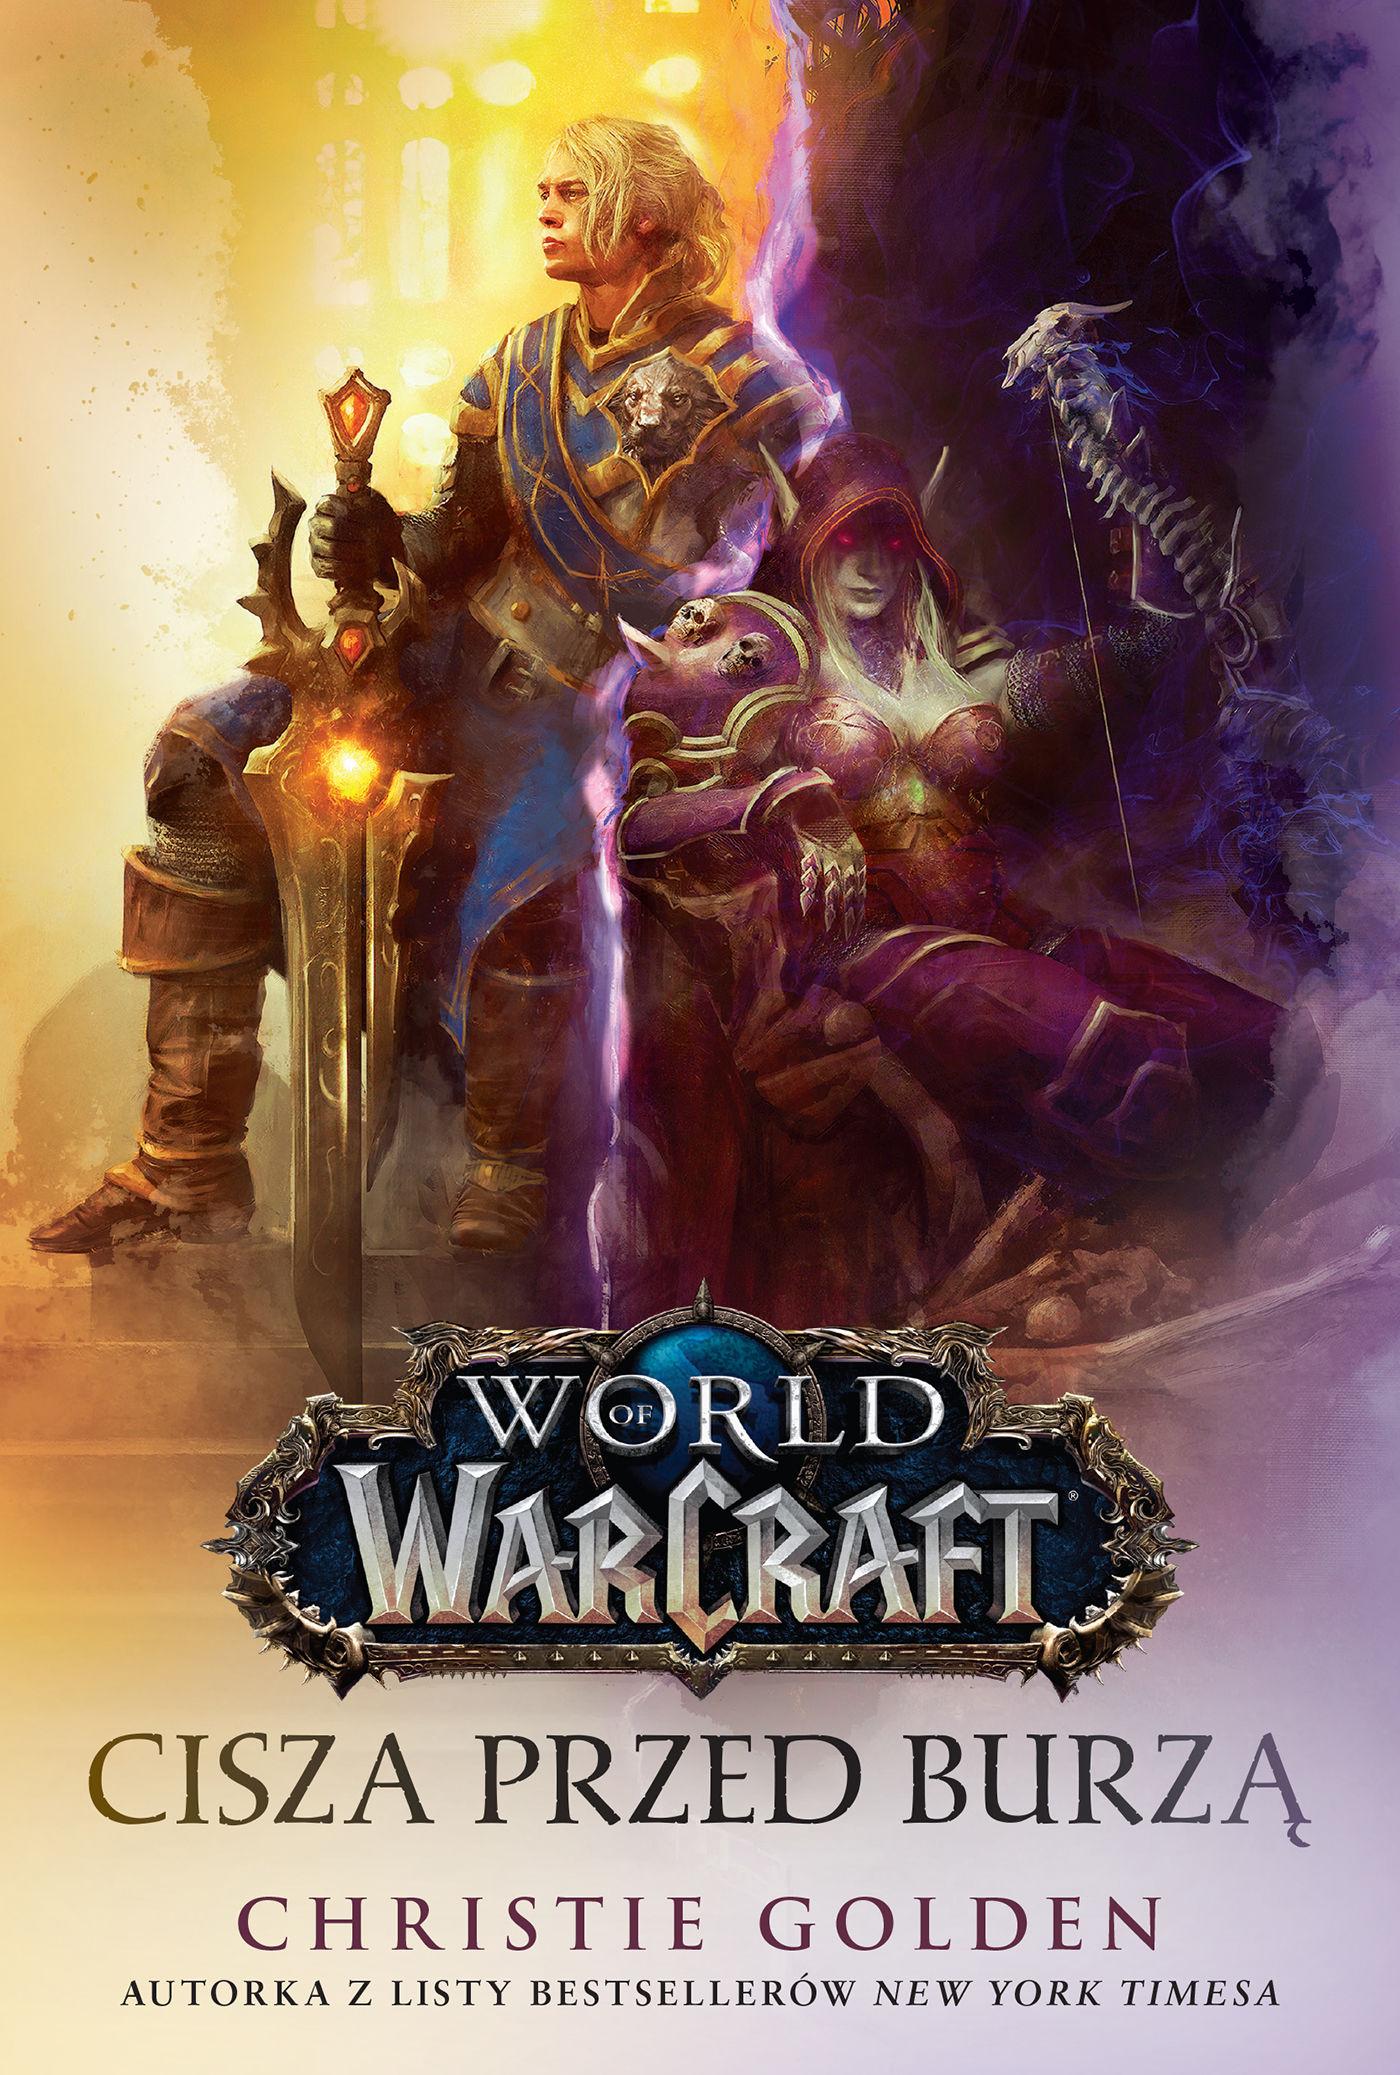 Wolrd of Warcraft: Cisza przed burzą - Christie Golden - ebook